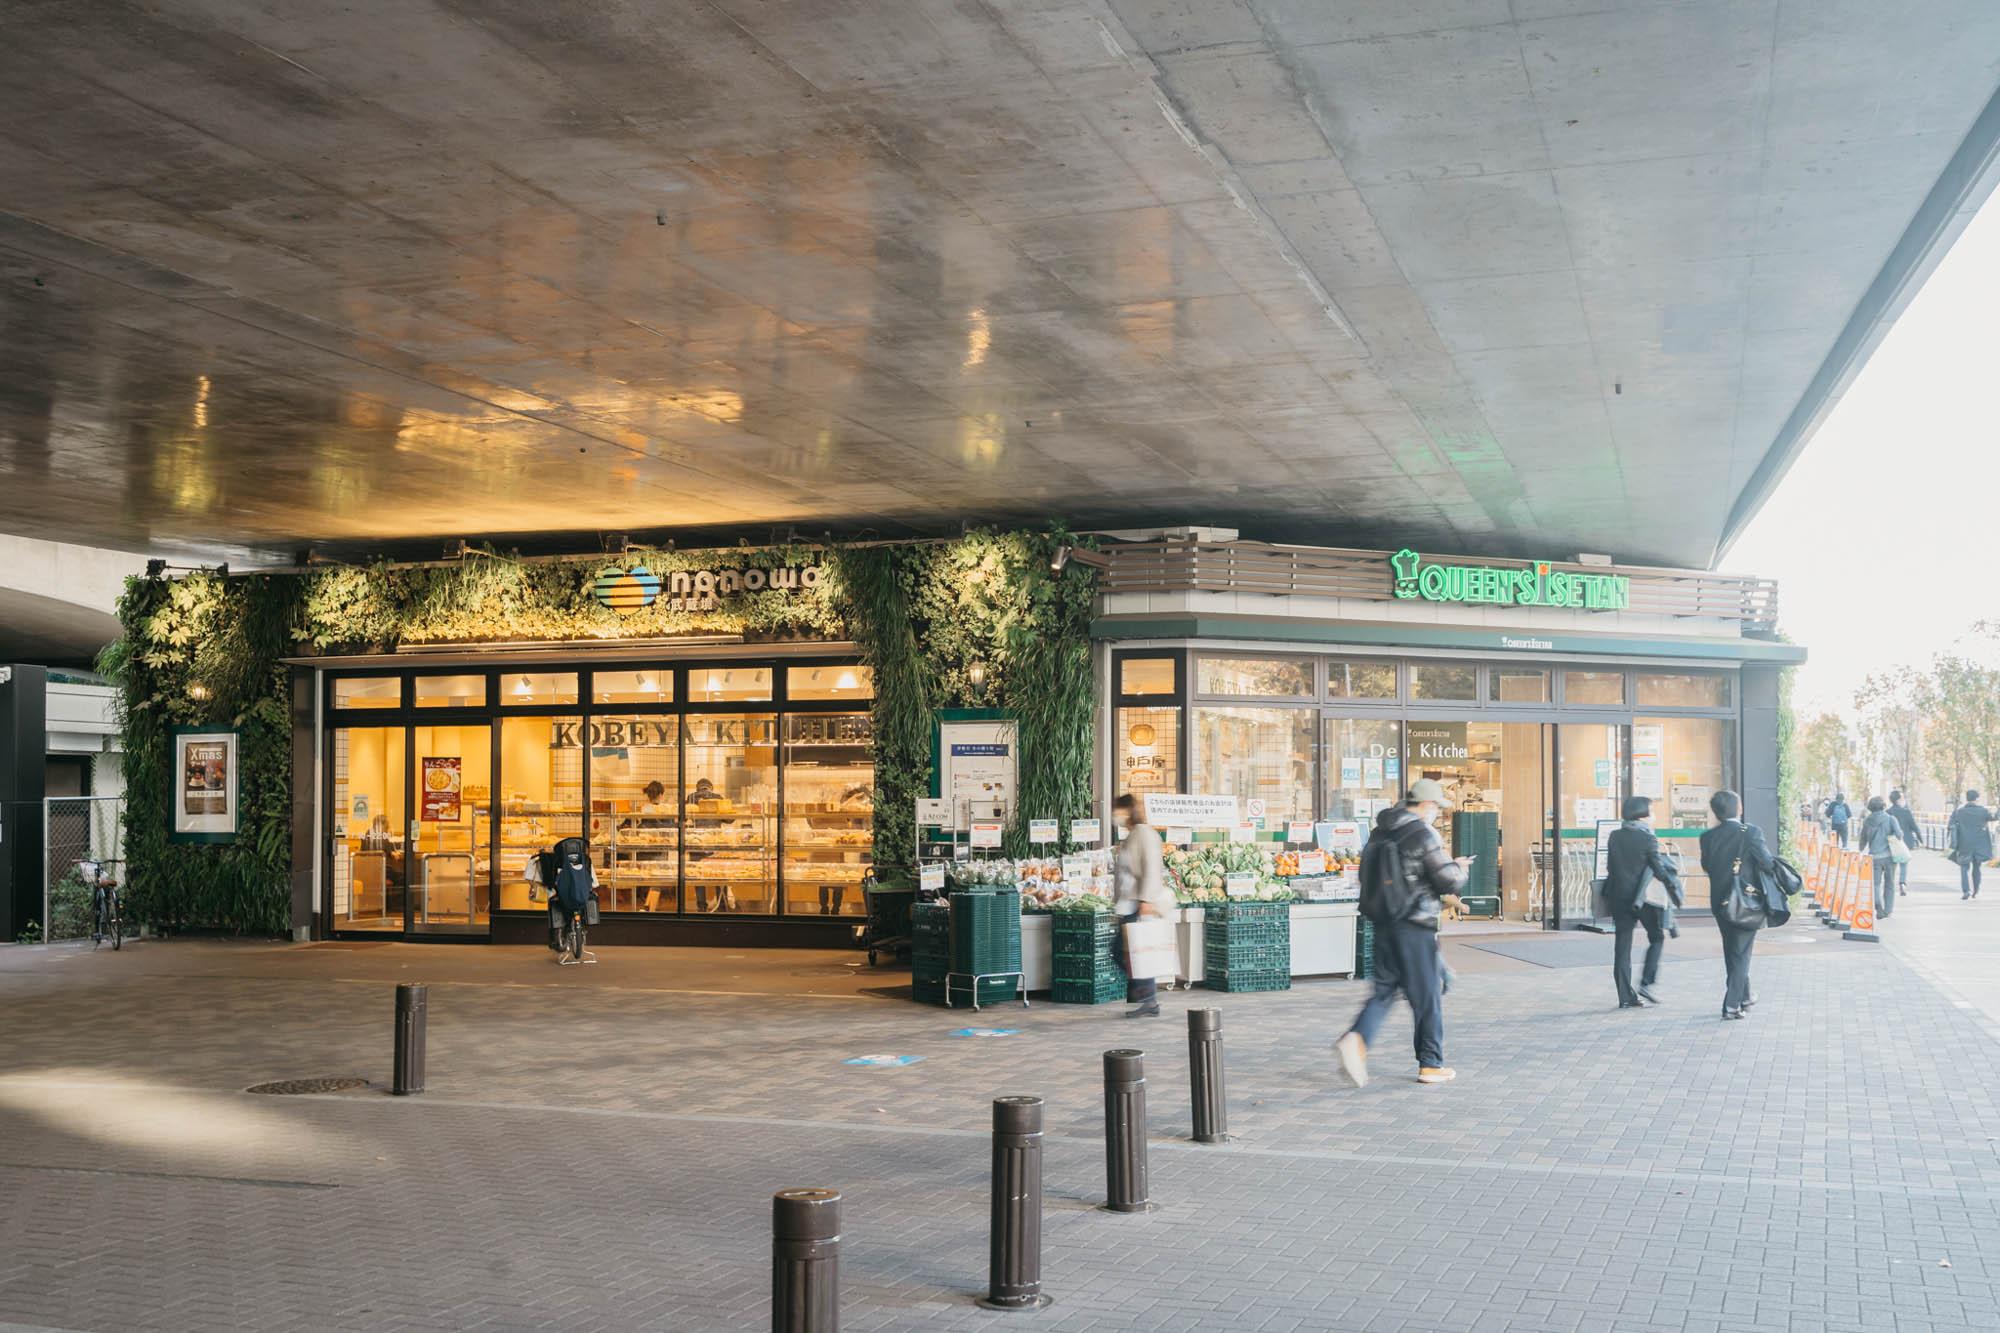 駅前には、クイーンズ伊勢丹や神戸屋キッチンなどが入る、駅直結のnonowa武蔵境。駅の南側には大きなイトーヨーカドー、北側には「すきっぷ通り商店街」があり、日常のお買い物にはまったく不自由しません。